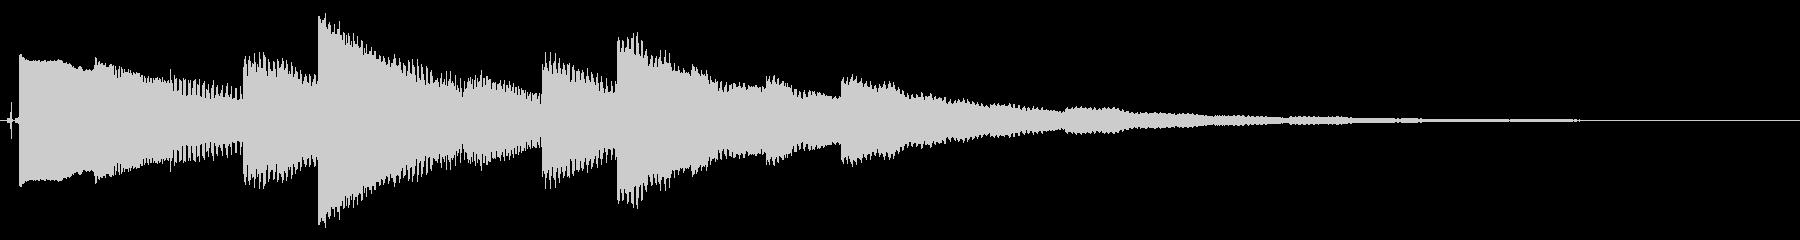 ベルの静かな場面転回音4の未再生の波形